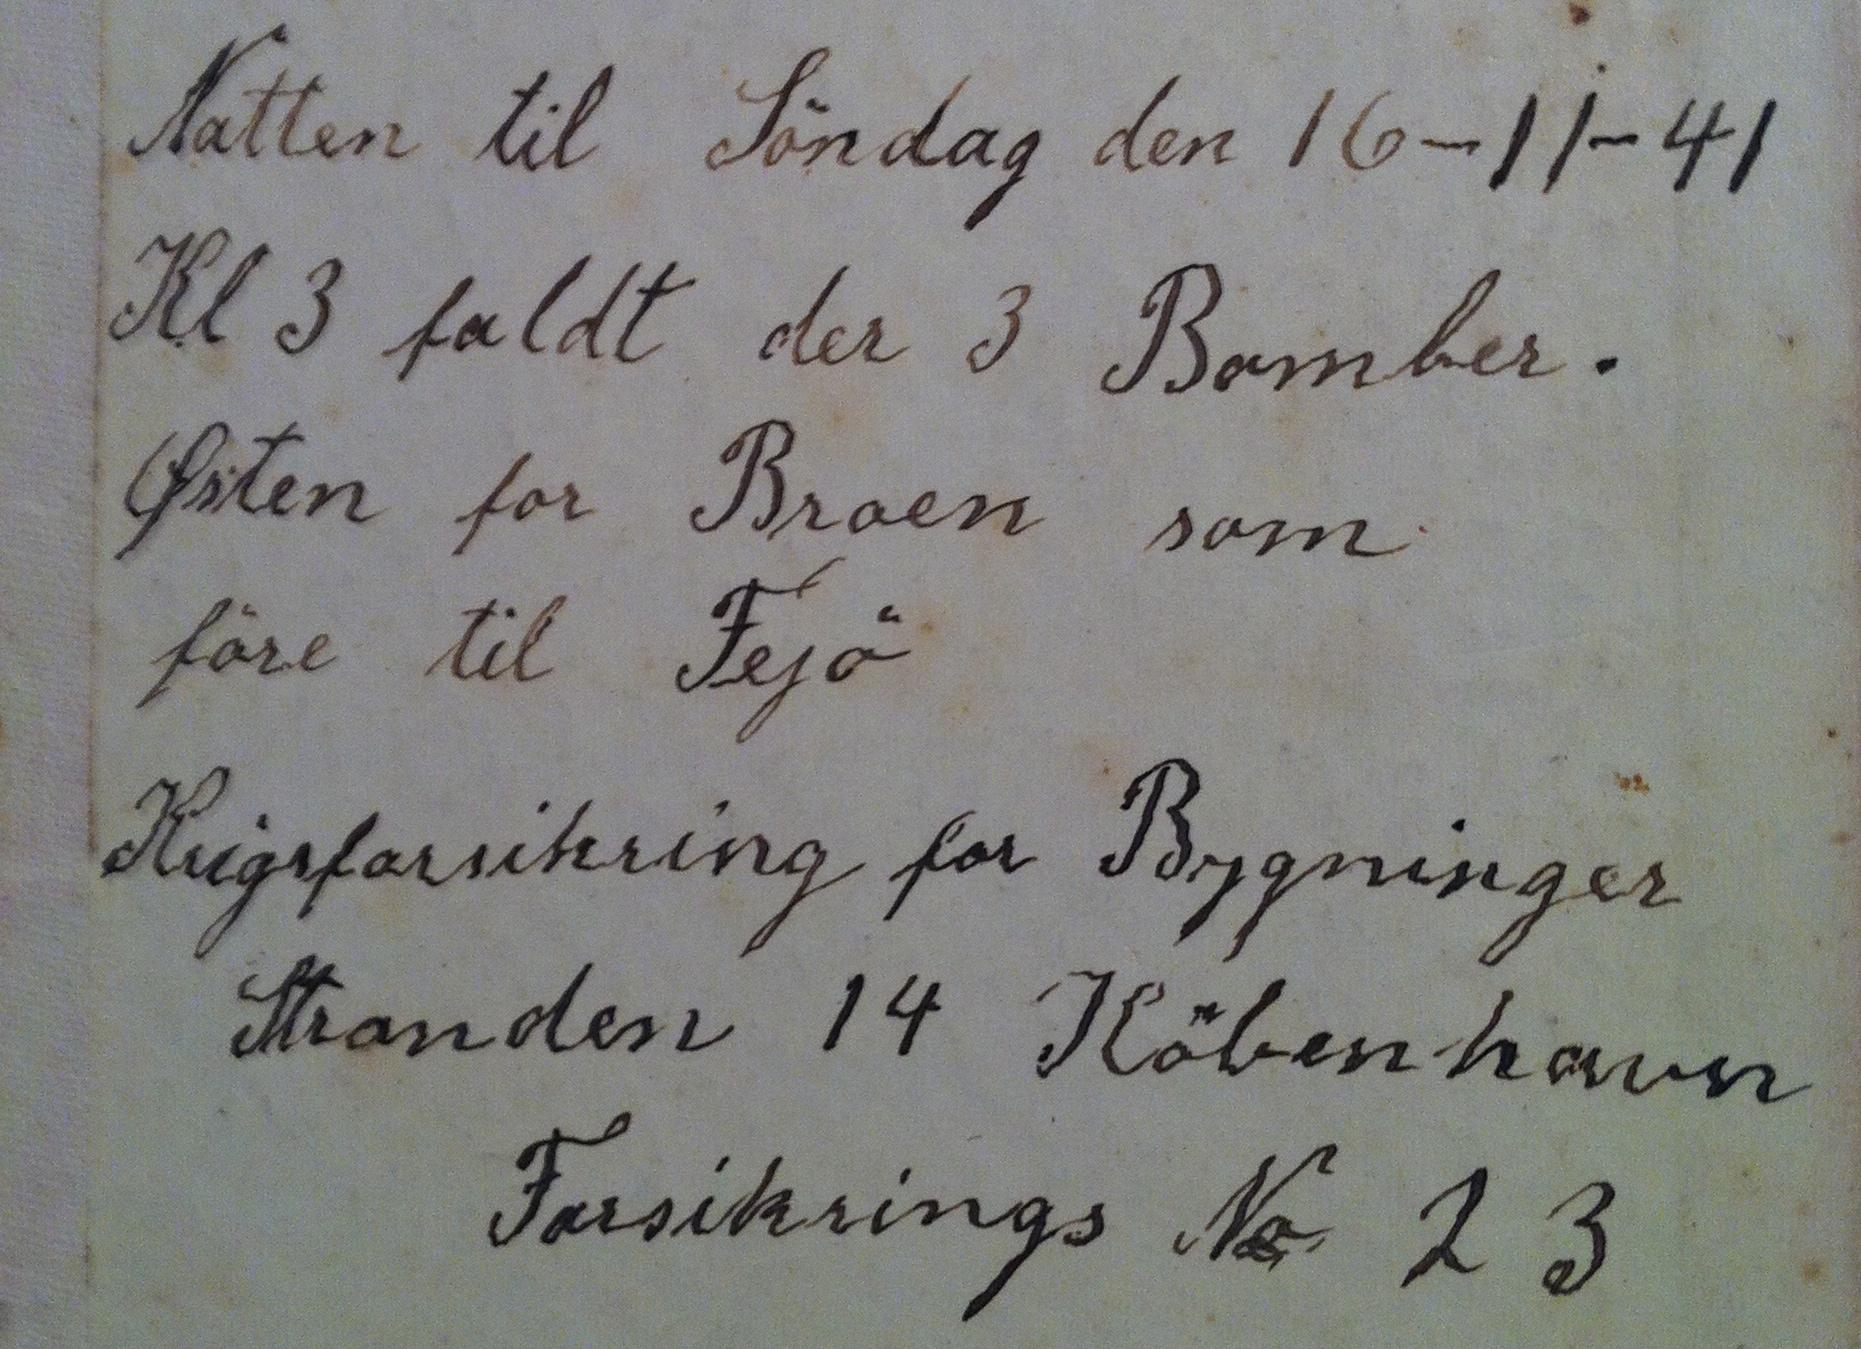 Notat af Karl Pedersen på Skaløgård - erstatning for smadrede ruder